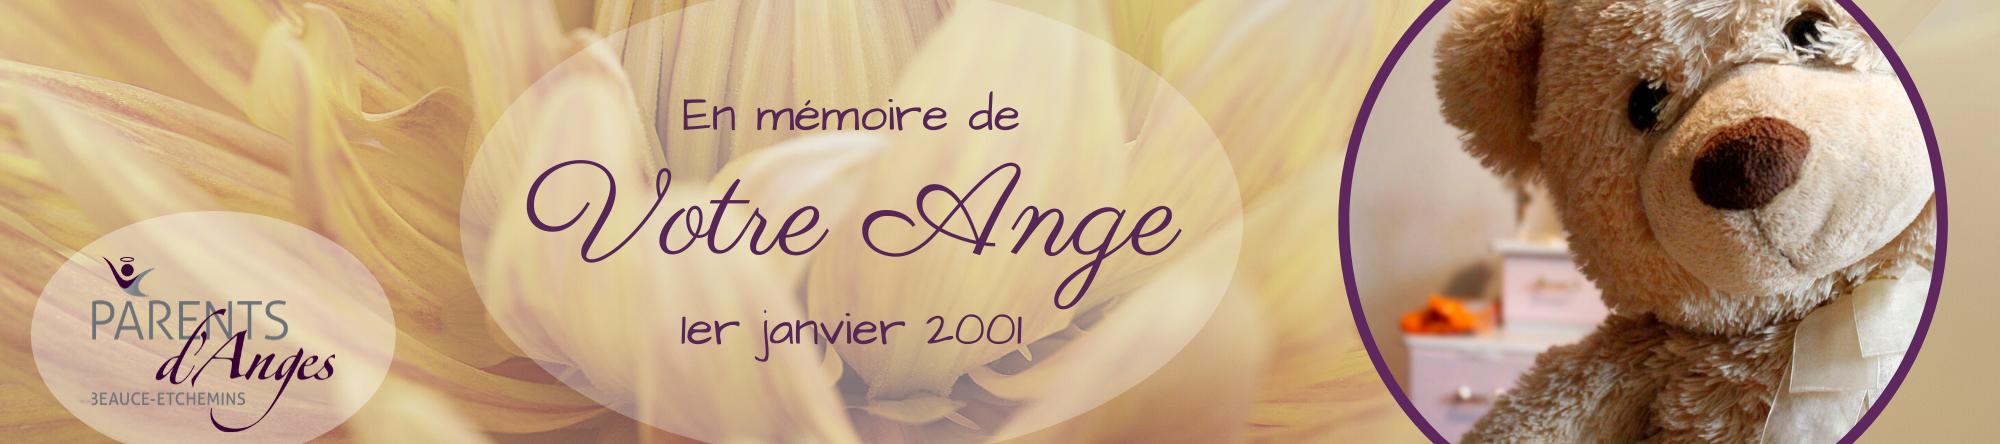 Cadeau personnalis/é Bougie grav/ée Po/ésie Bougie personnalisable parfum/ée /à la vanille 35 heures de combustion